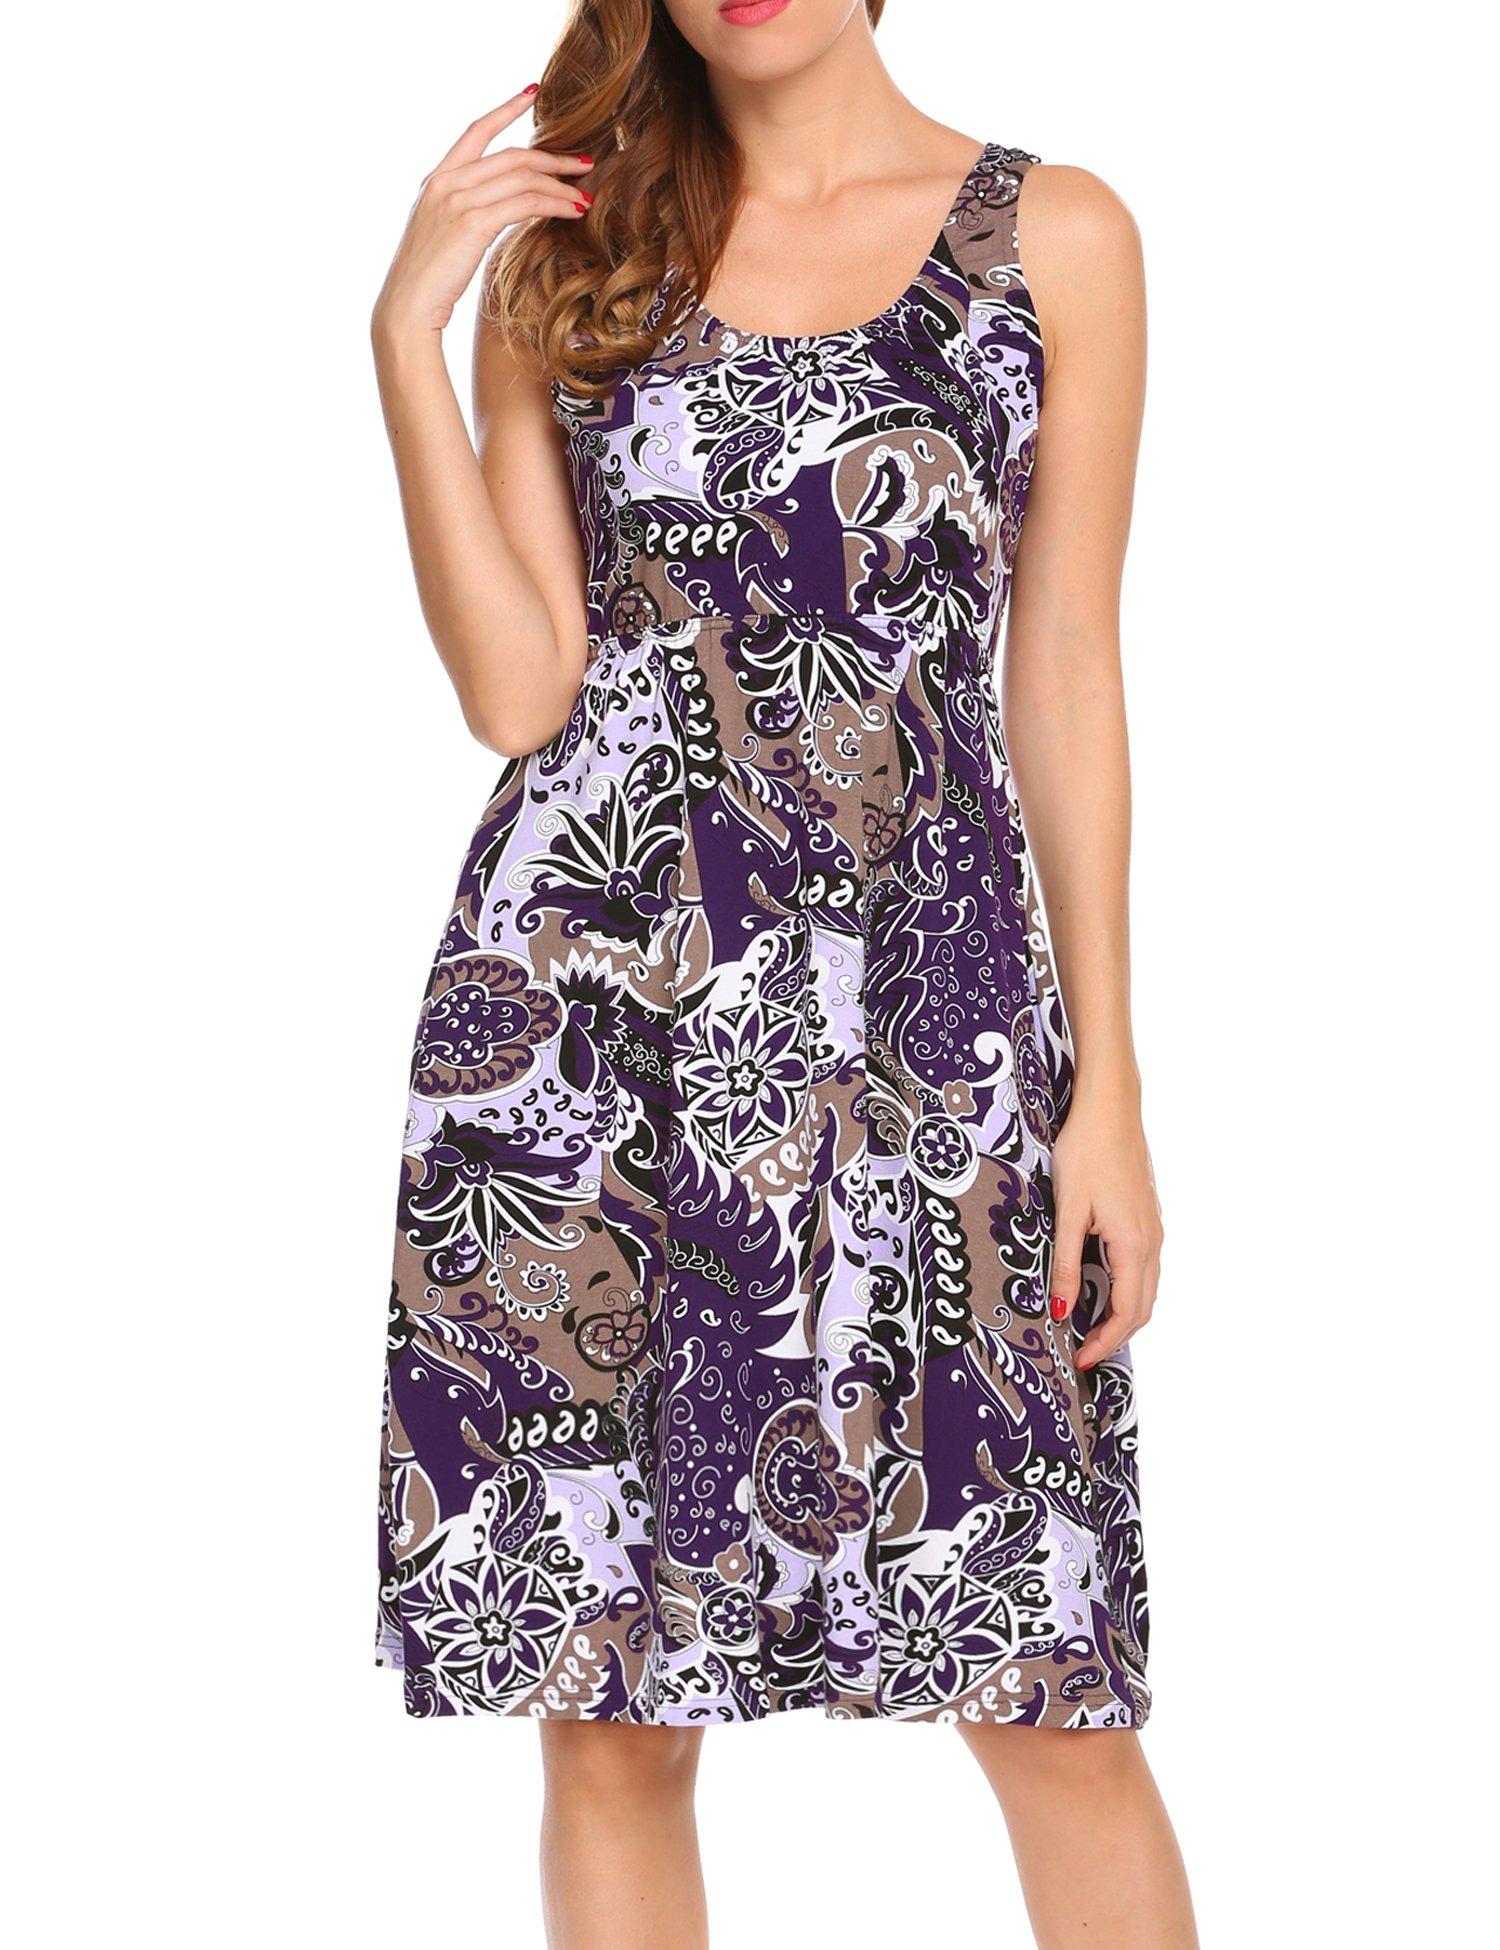 MAXMODA Women's Maternity Cotton Solid Nursing Nightwear Gown Purple Print S